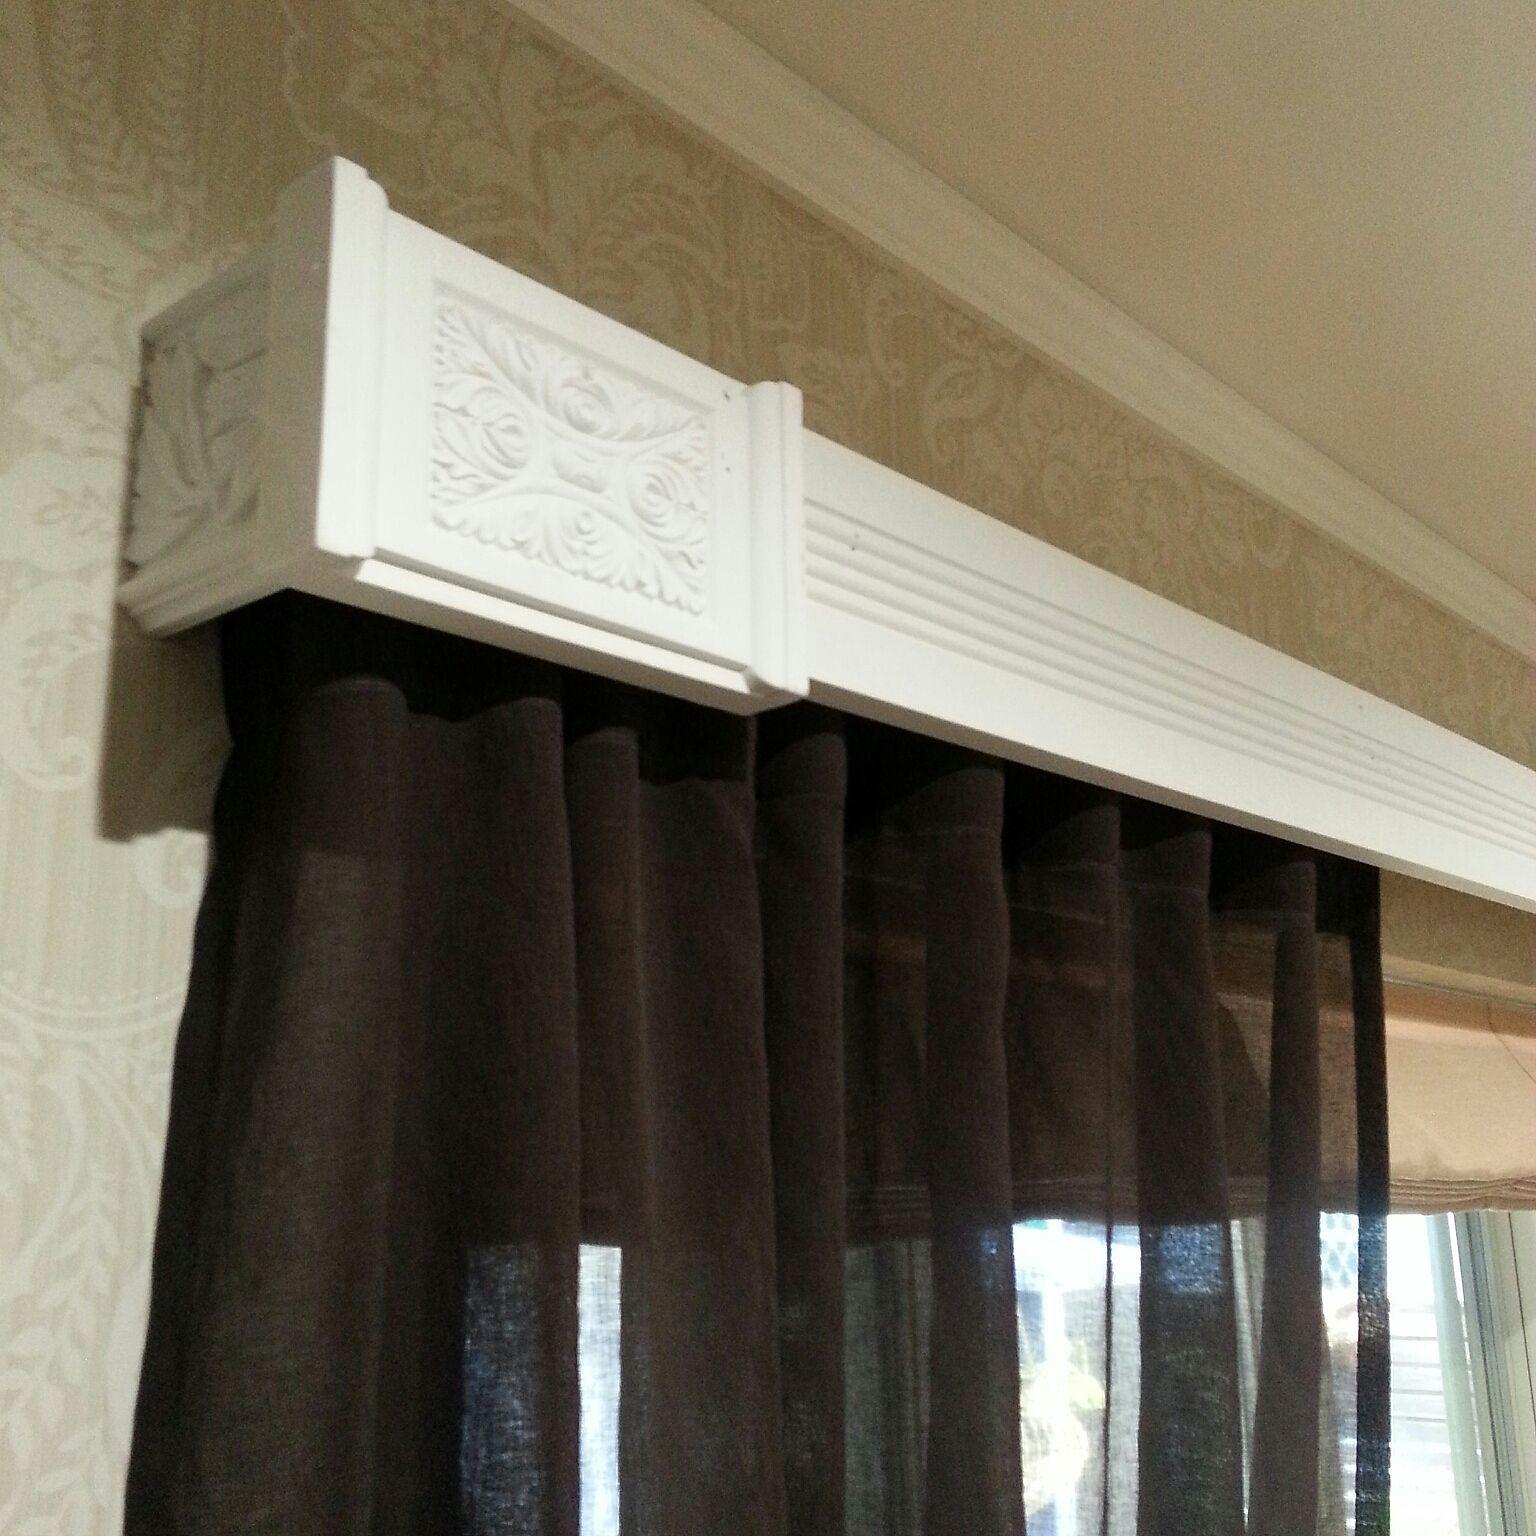 Diy カーテンボックスdiyのインテリア実例 4ページ目 Roomclip